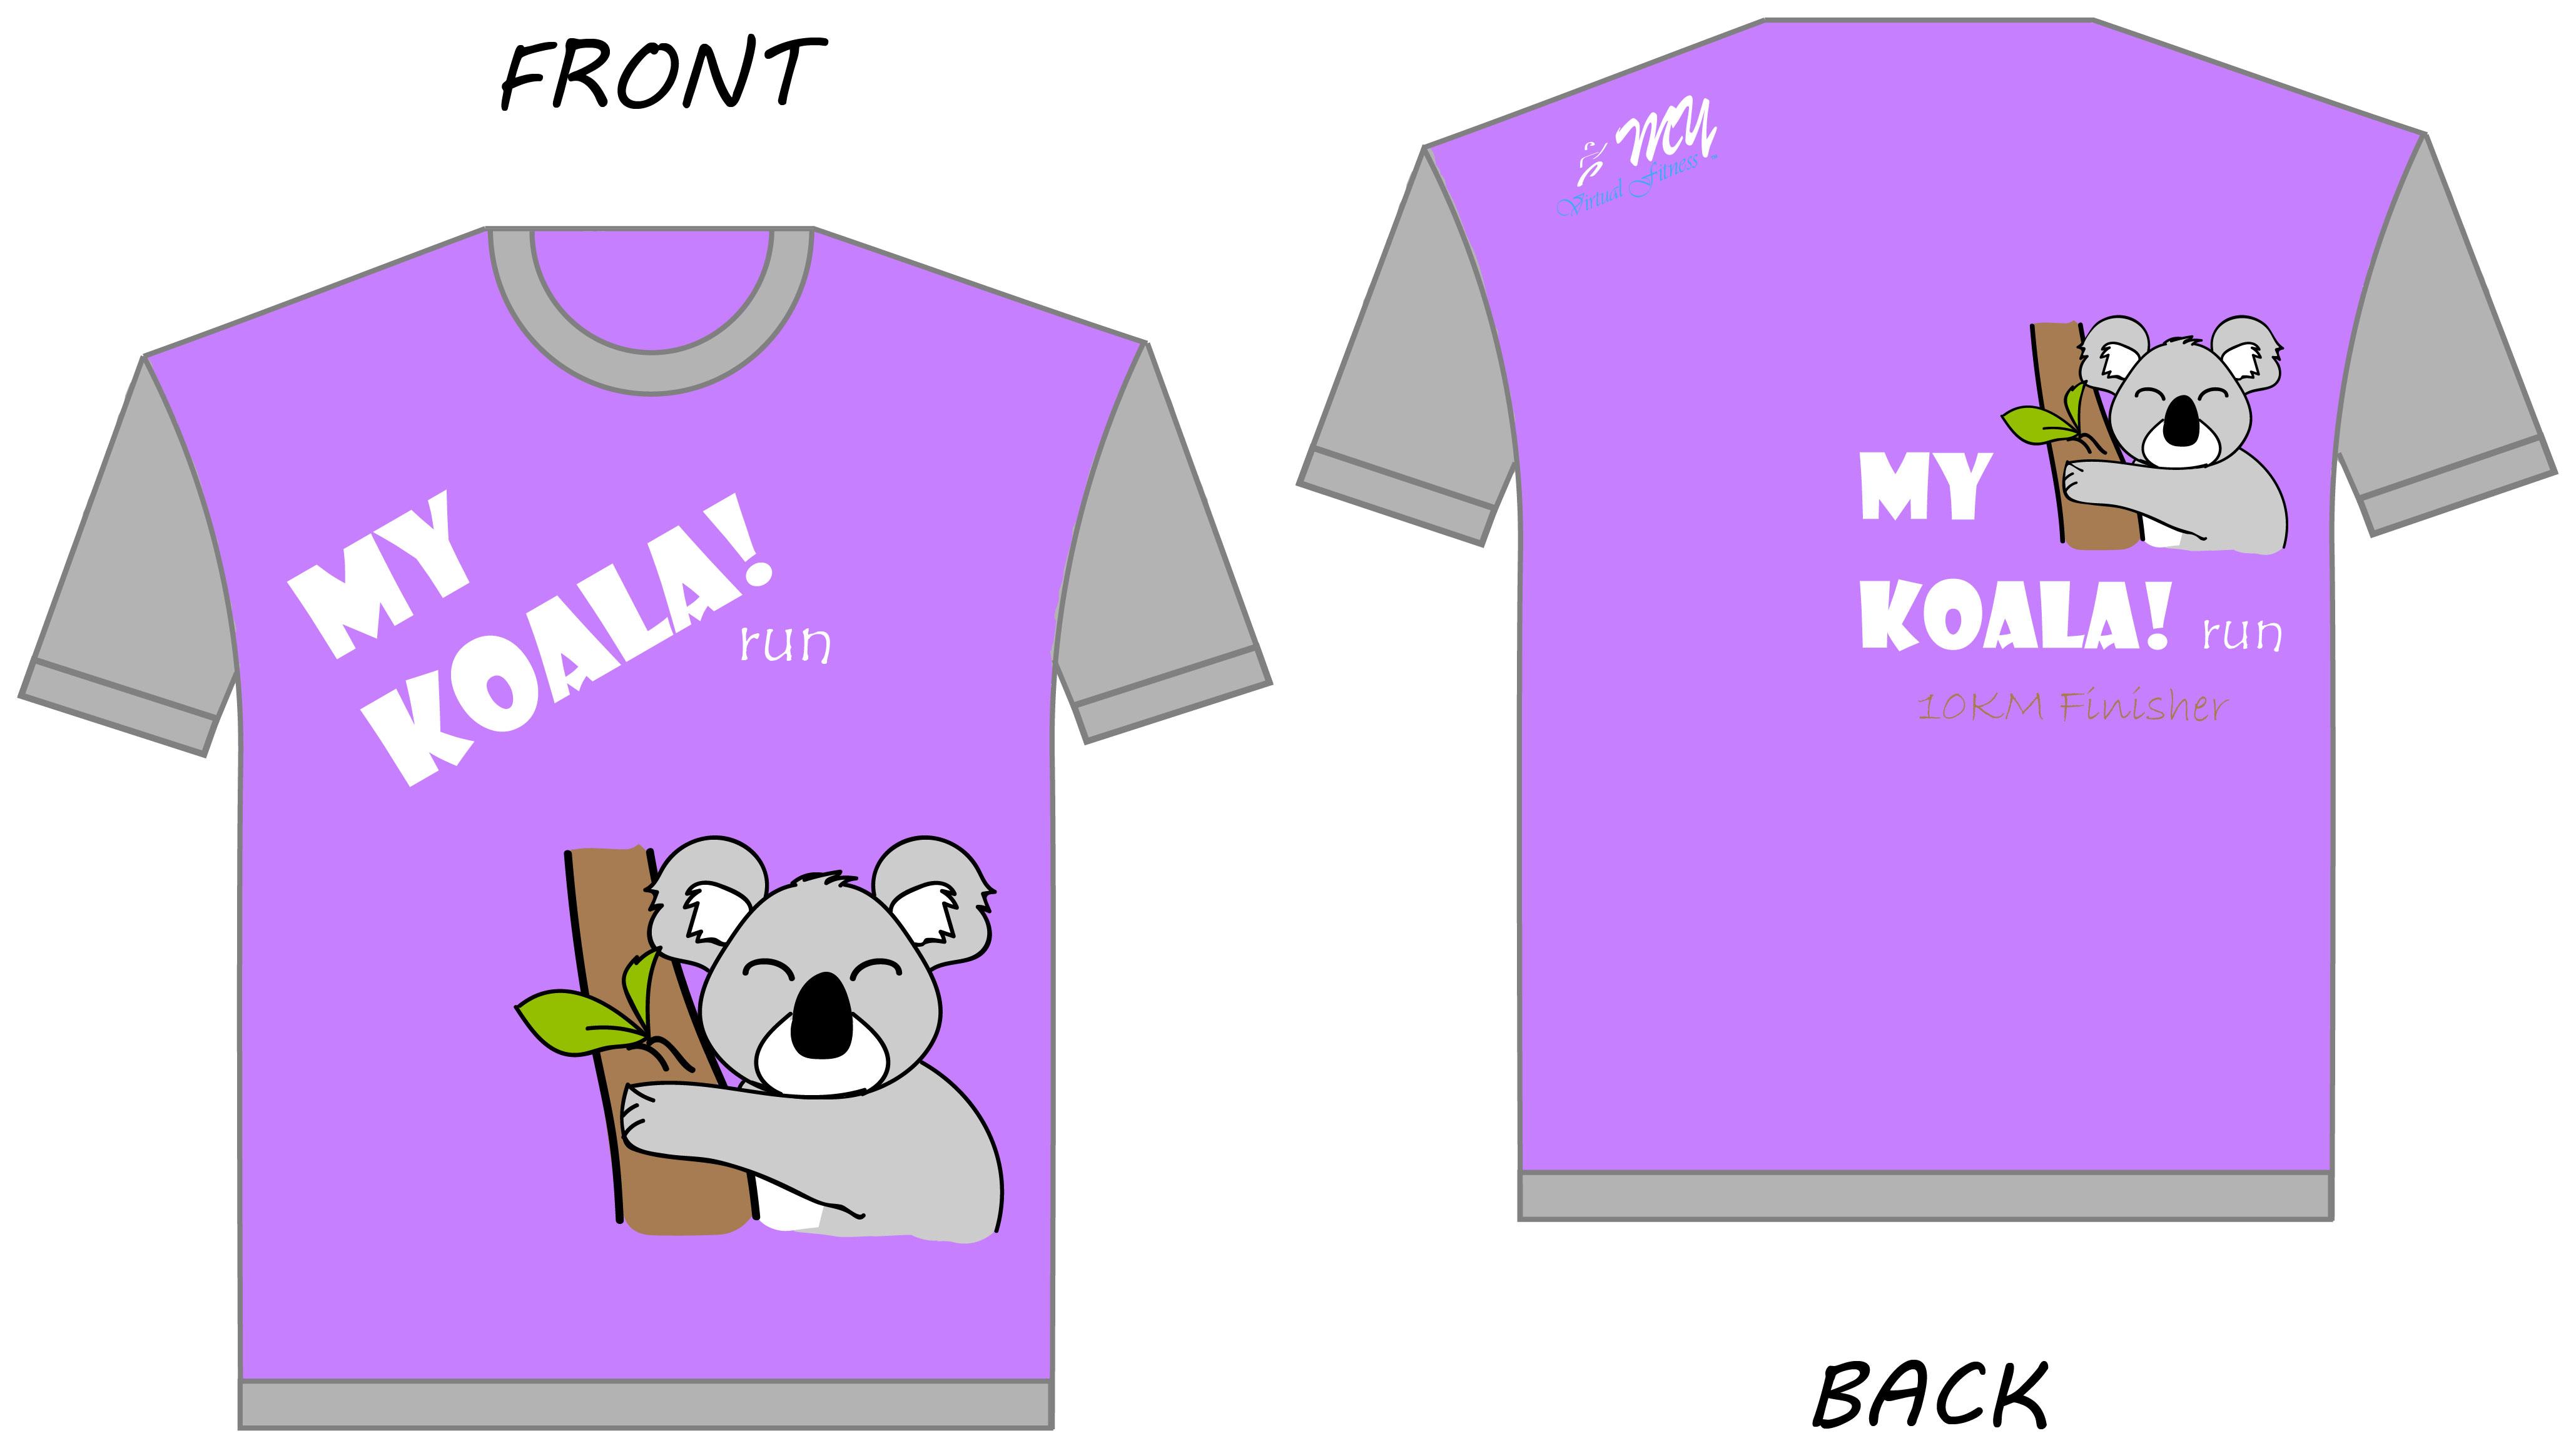 MyKoala! Run ShortSleeves Tee fv